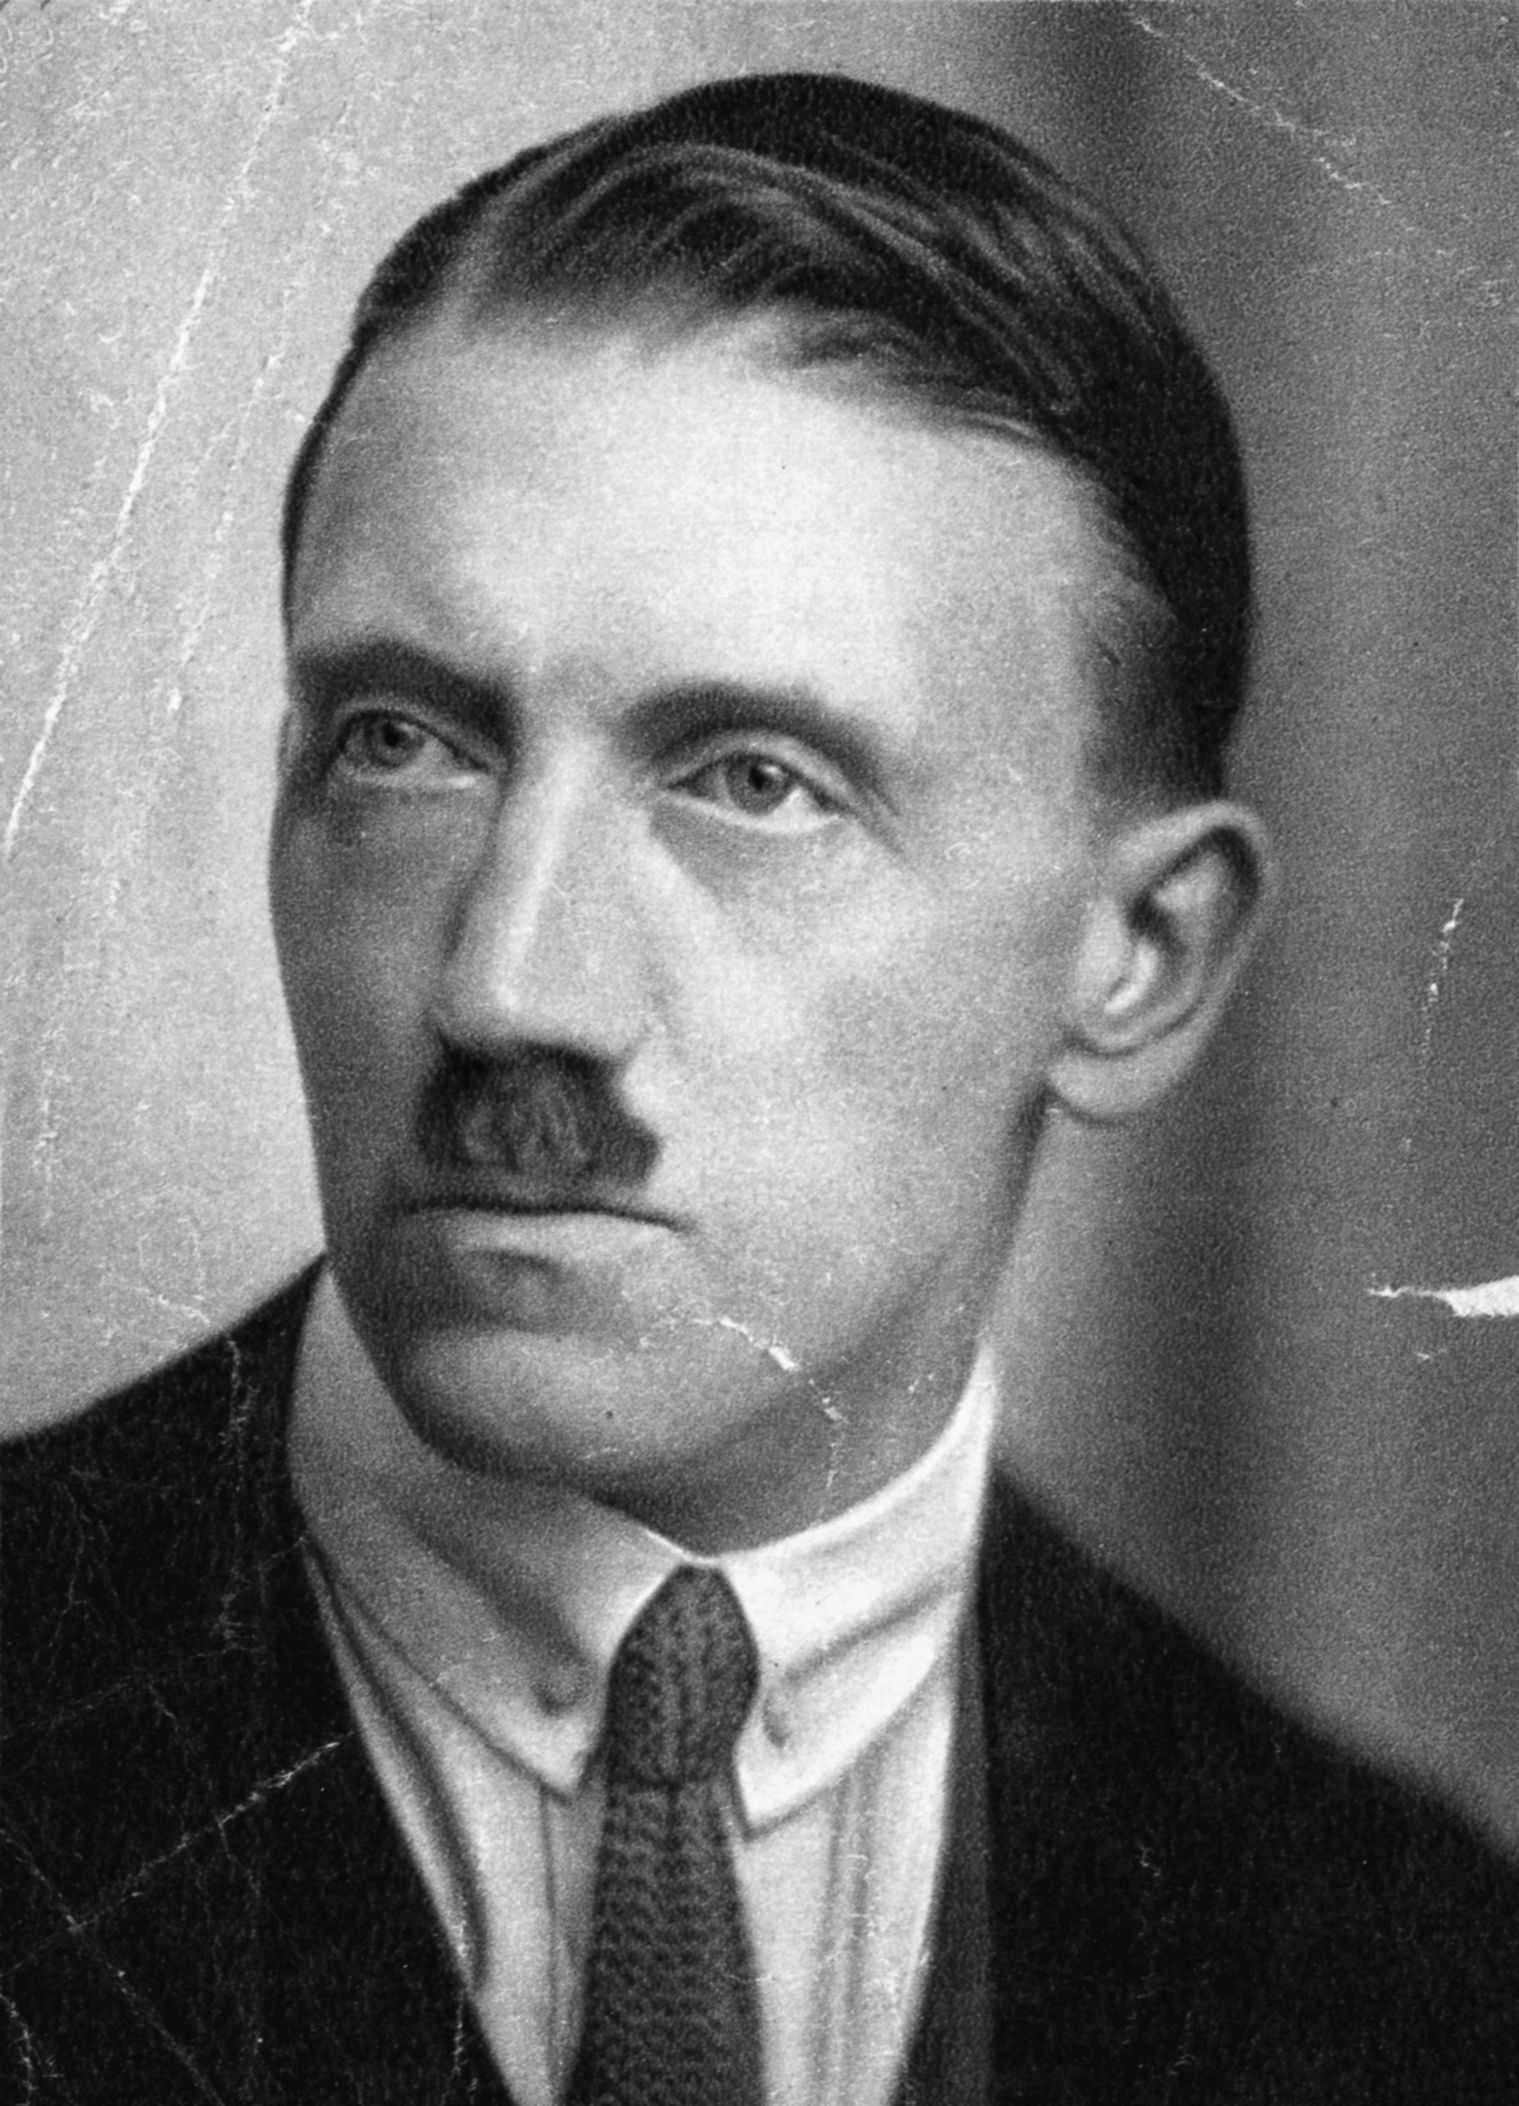 The Hitler Vortex